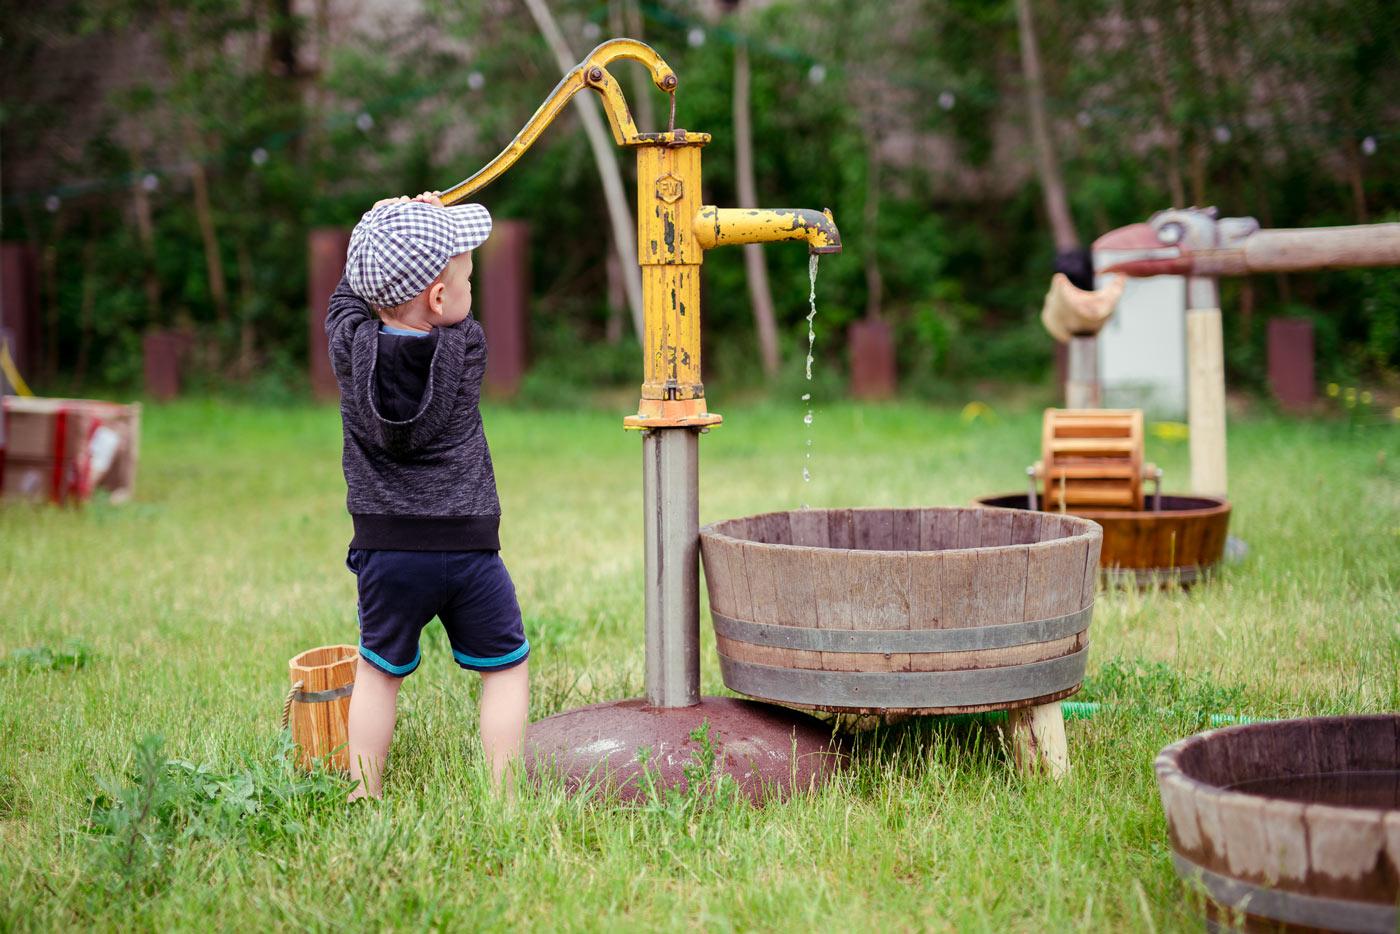 Wasserspielplatz auf dem Festival Malzwiese | Berlin mit Kind